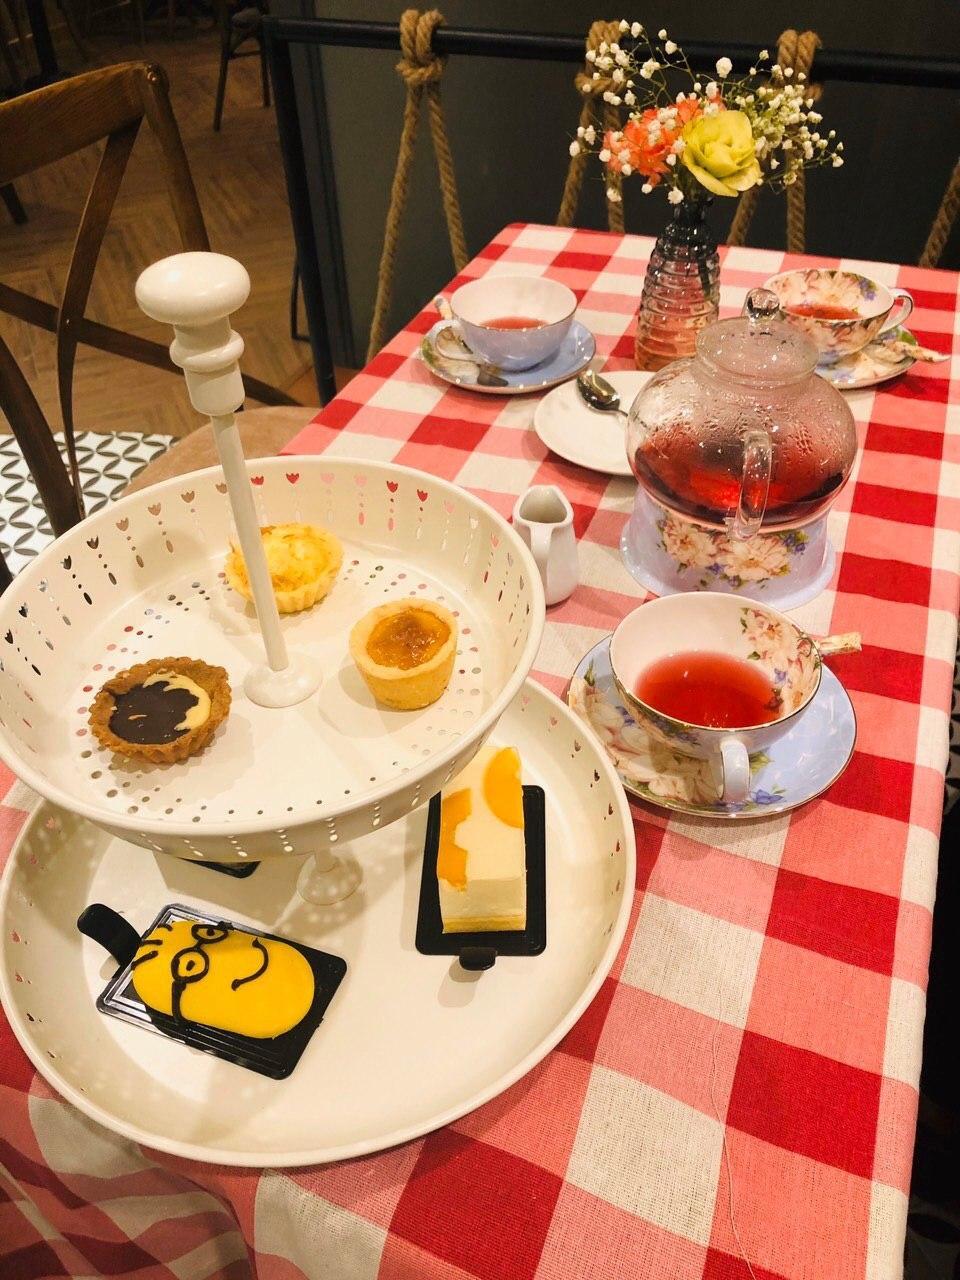 Balzac Café Vinhomes Greenbay Hà Nội - Setup bởi Trung tâm VNBS